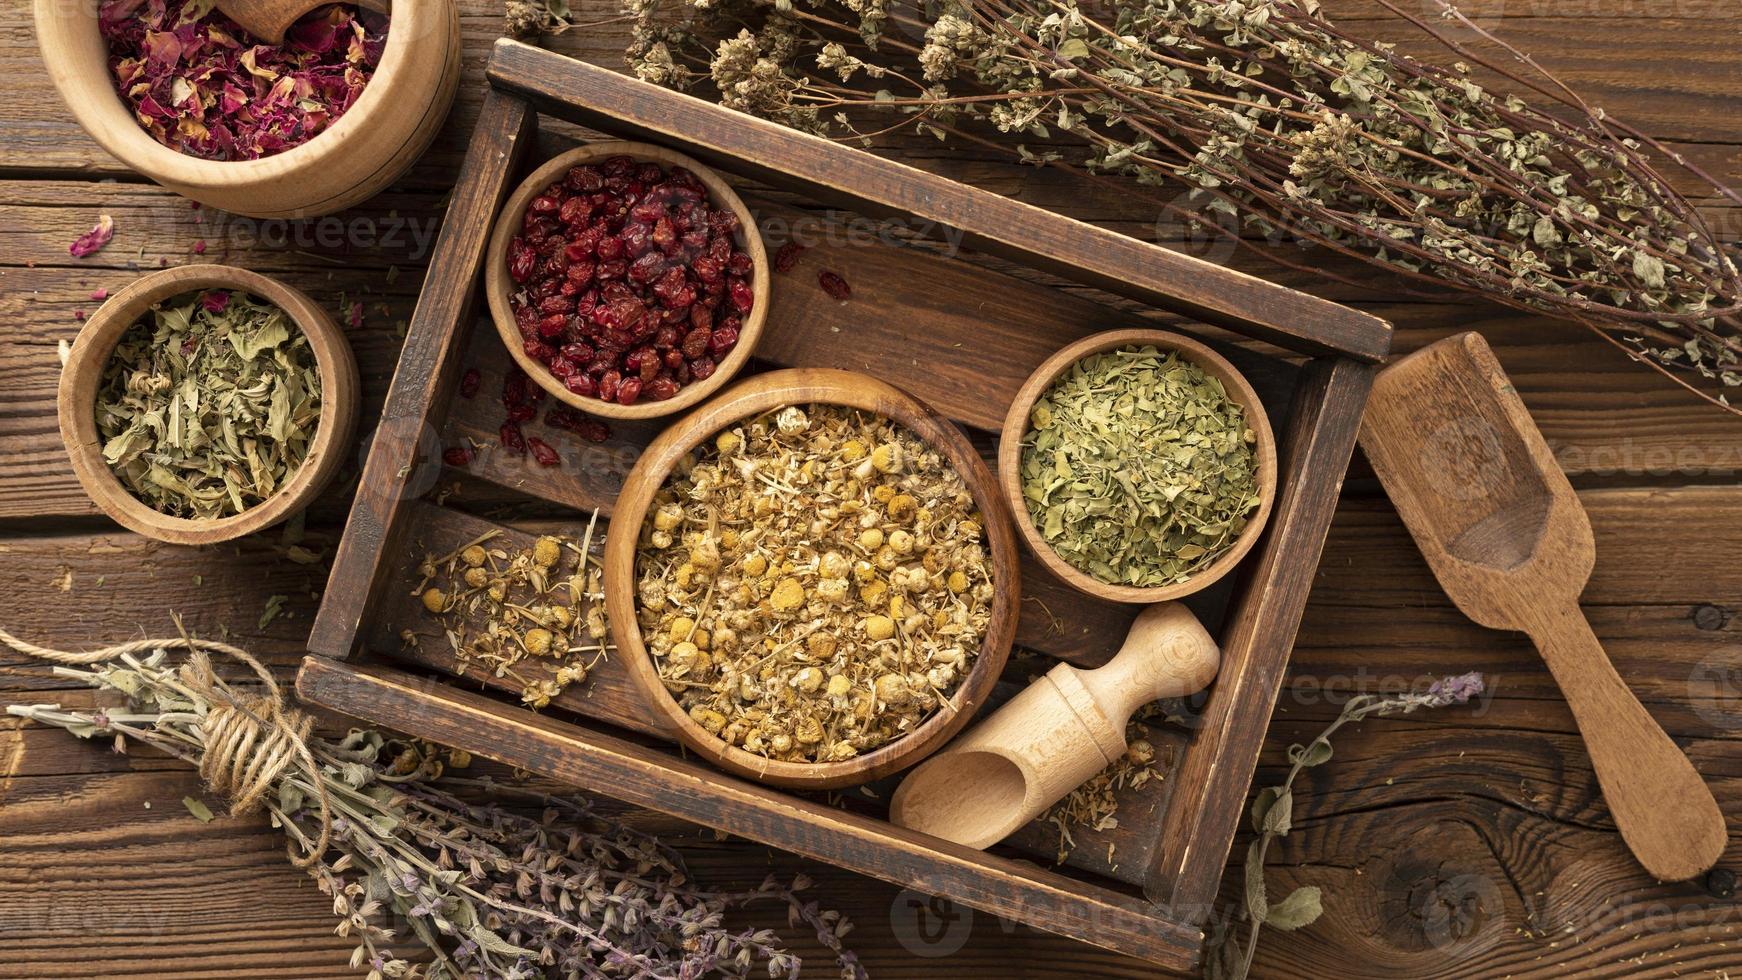 diverses herbes dans une boîte en bois photo